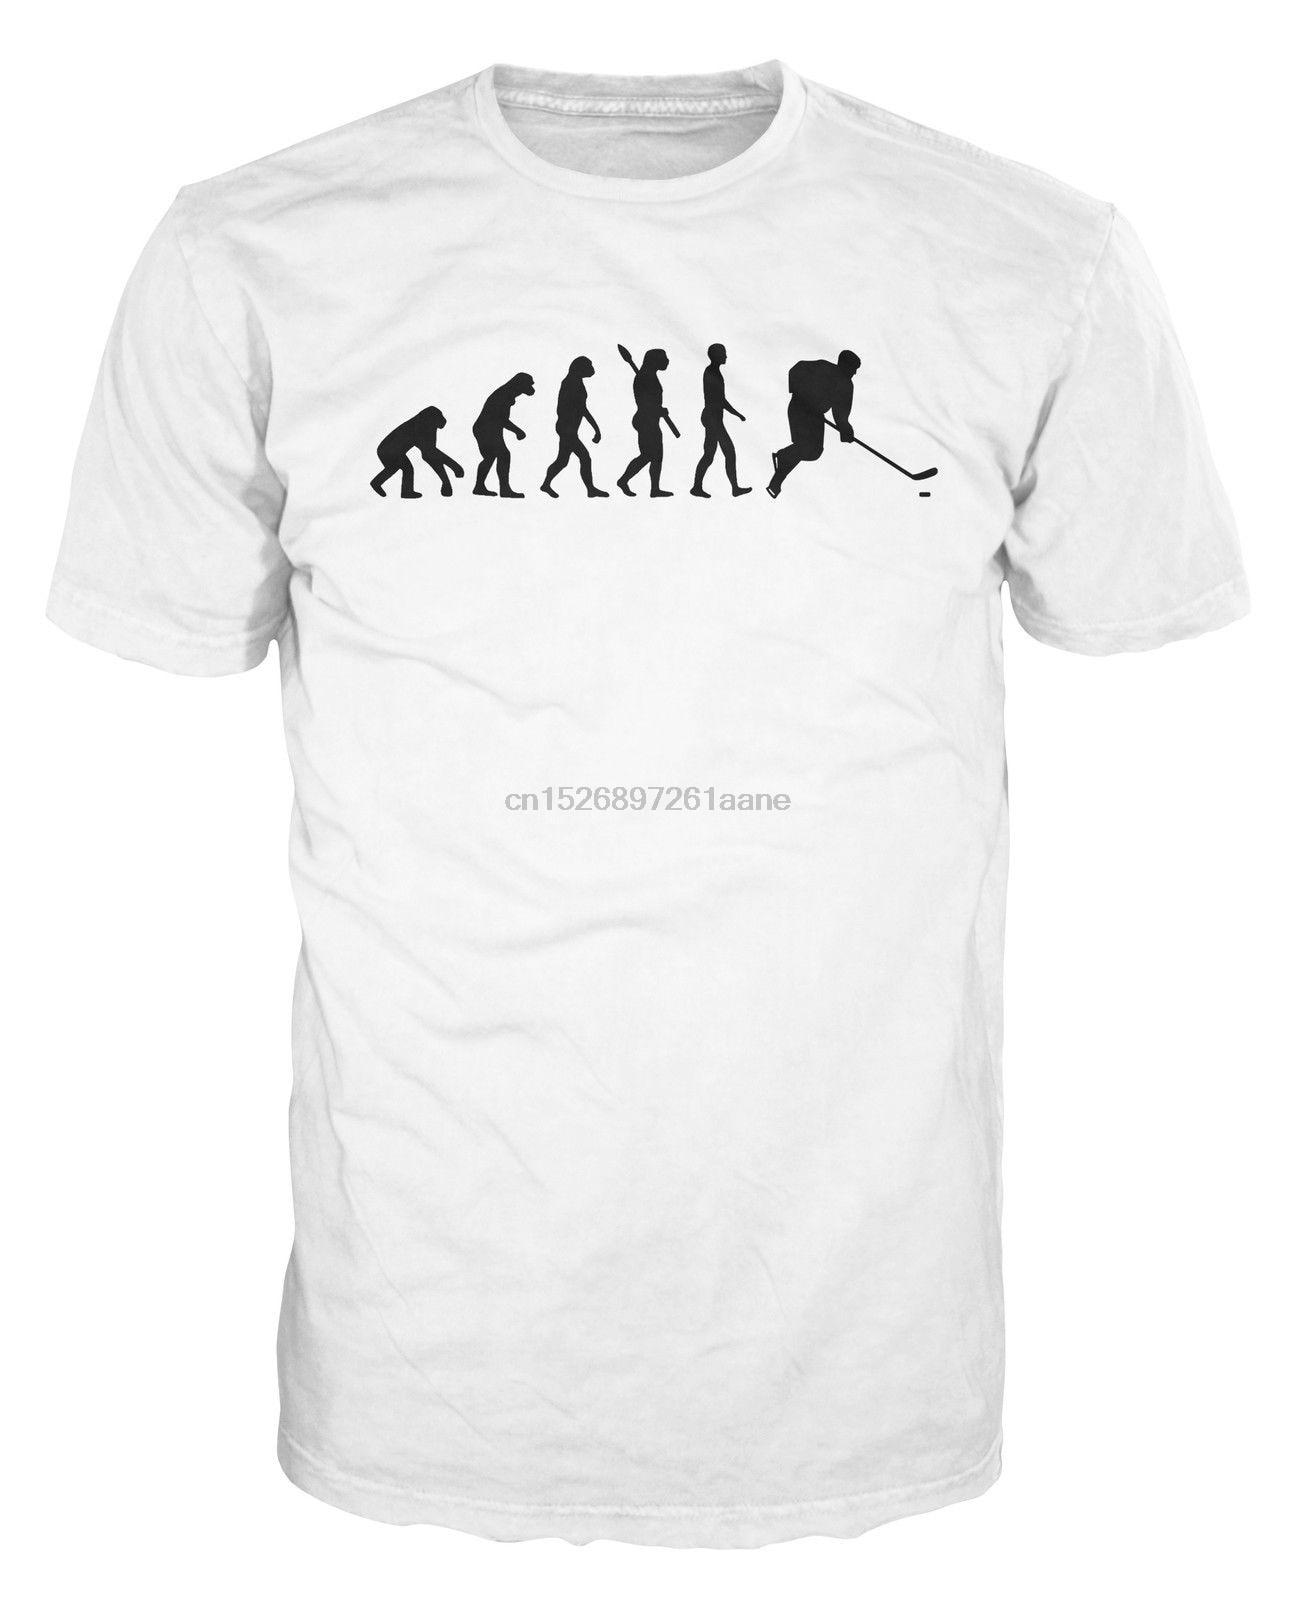 Camiseta Casual de marca de verano 2019 para adultos, camiseta de jugador de hockey sobre hielo evolución divertido, camisetas de Metal de hockey sobre hielo